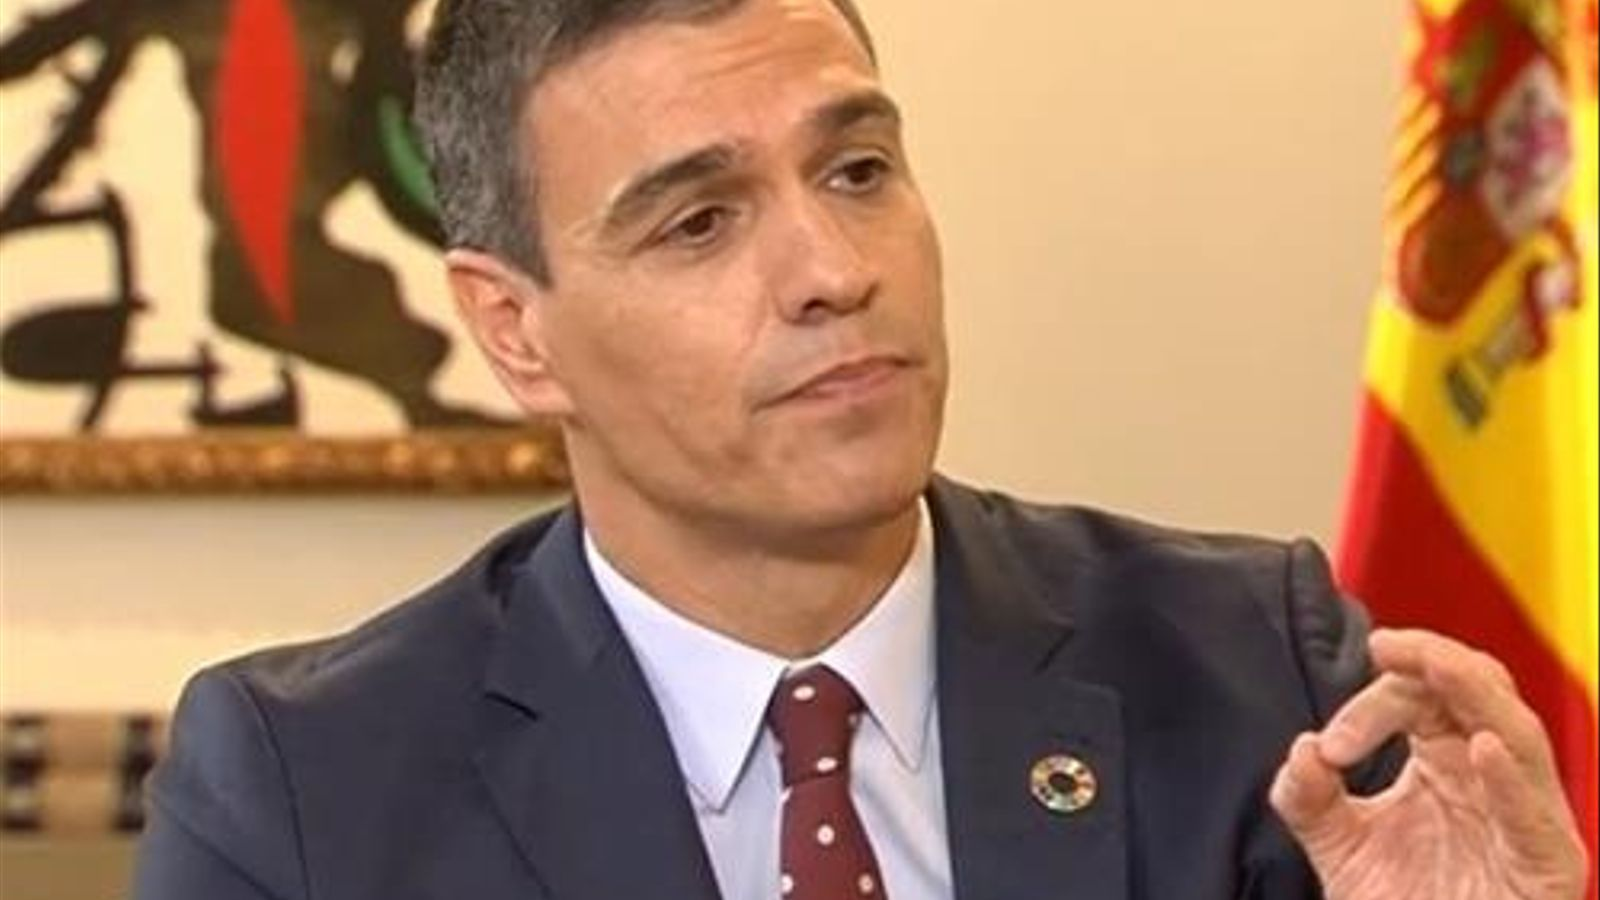 Pedro Sánchez - LA SEXTA - Arxui